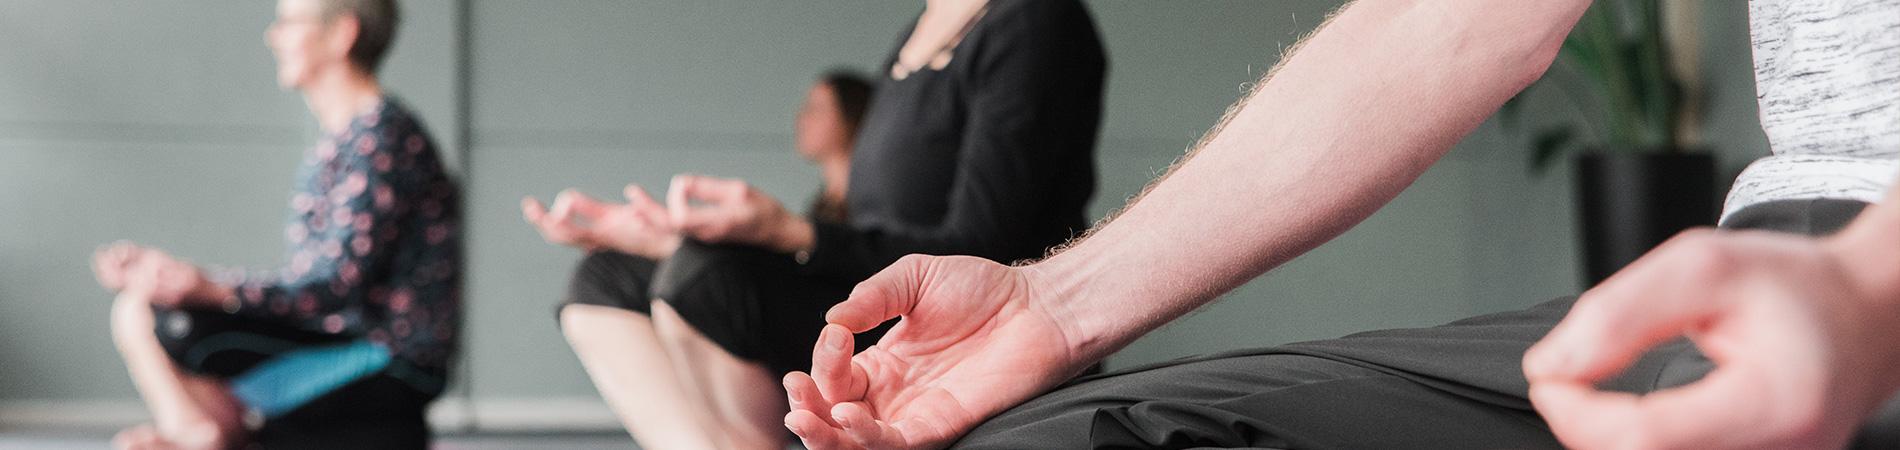 Ademhalings- en meditatiecursus Zens Yoga